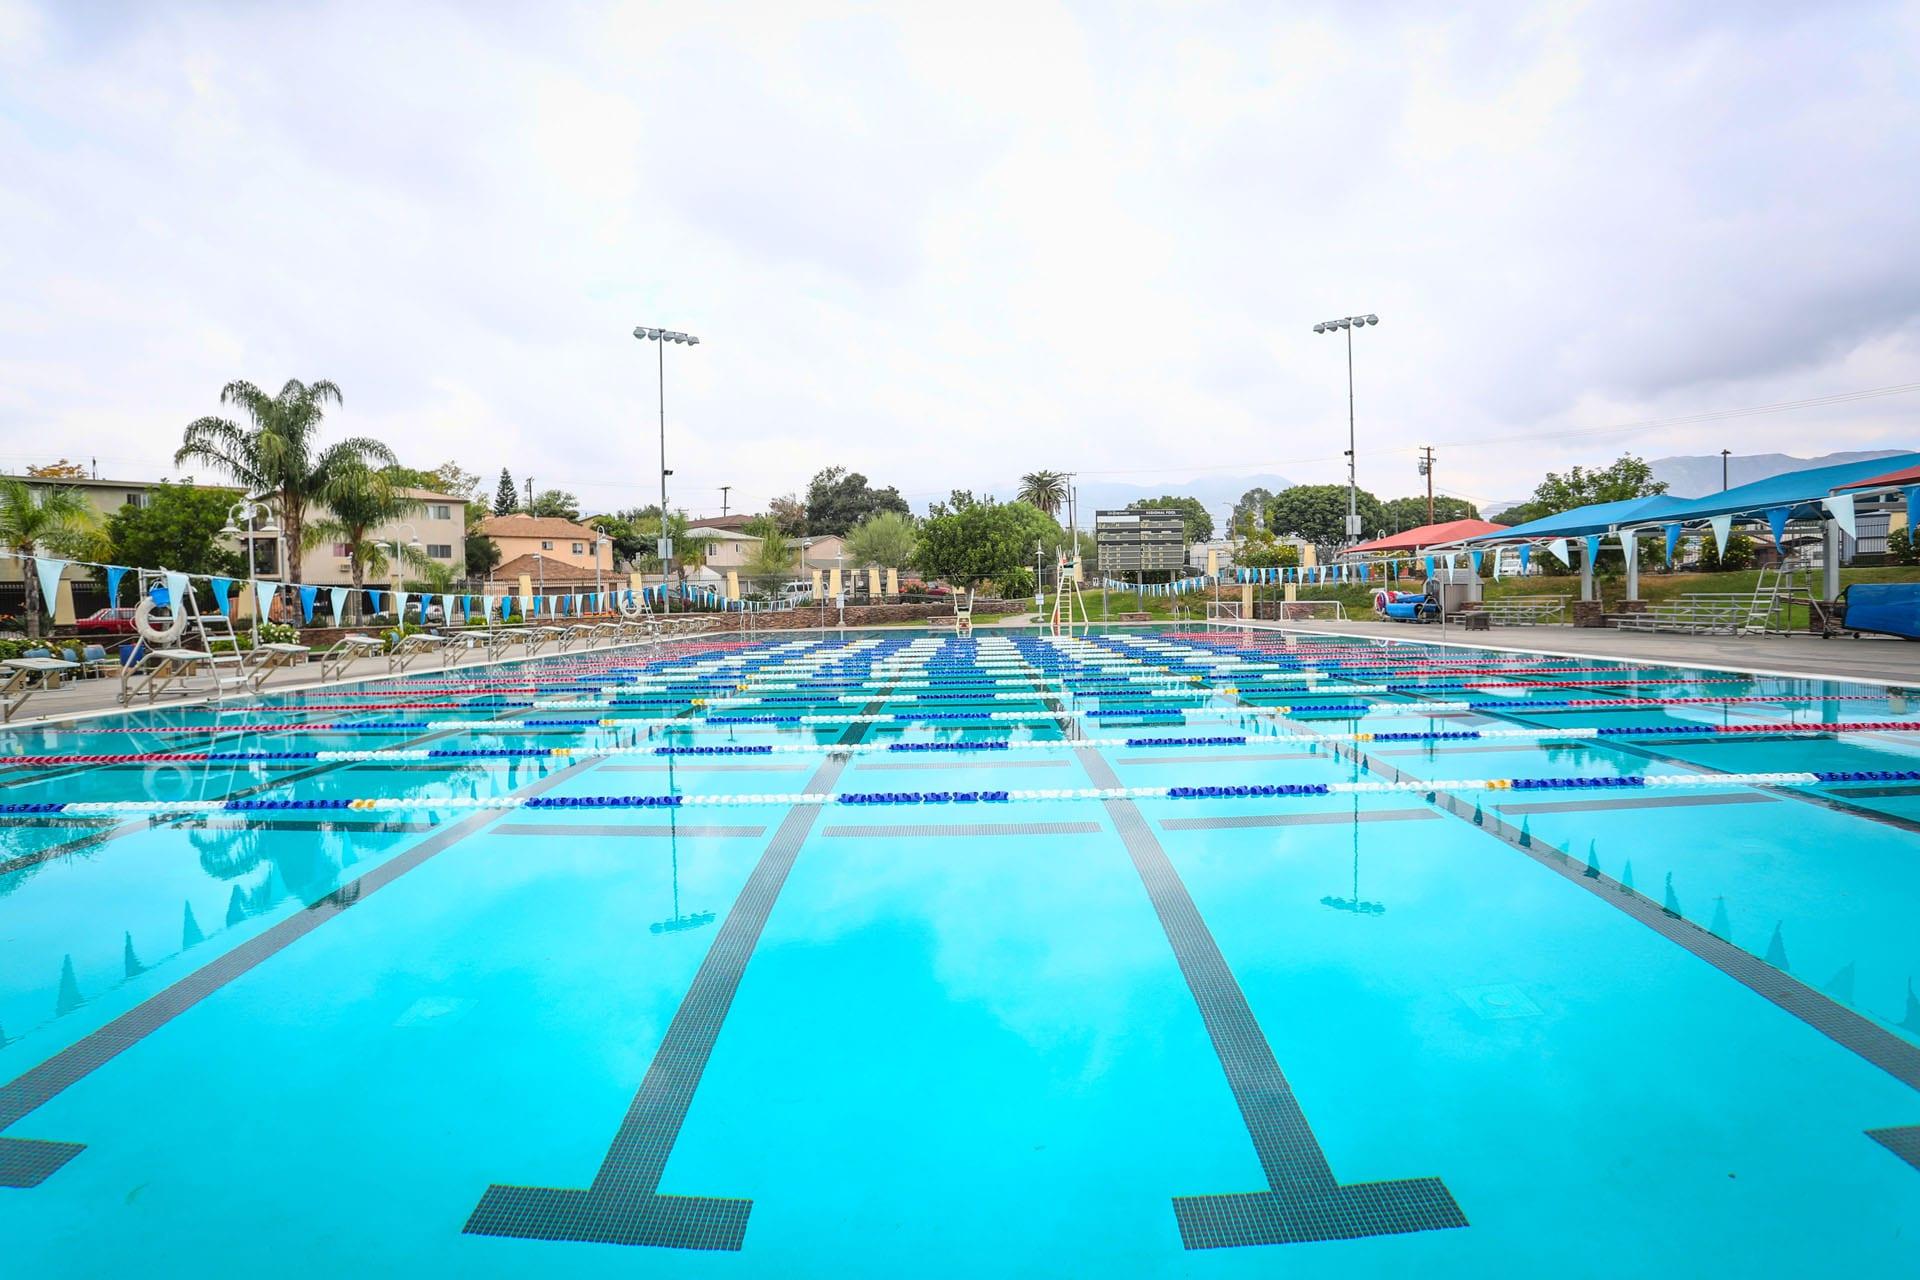 San Fernando Recreation Park and Aquatic Center – Parks